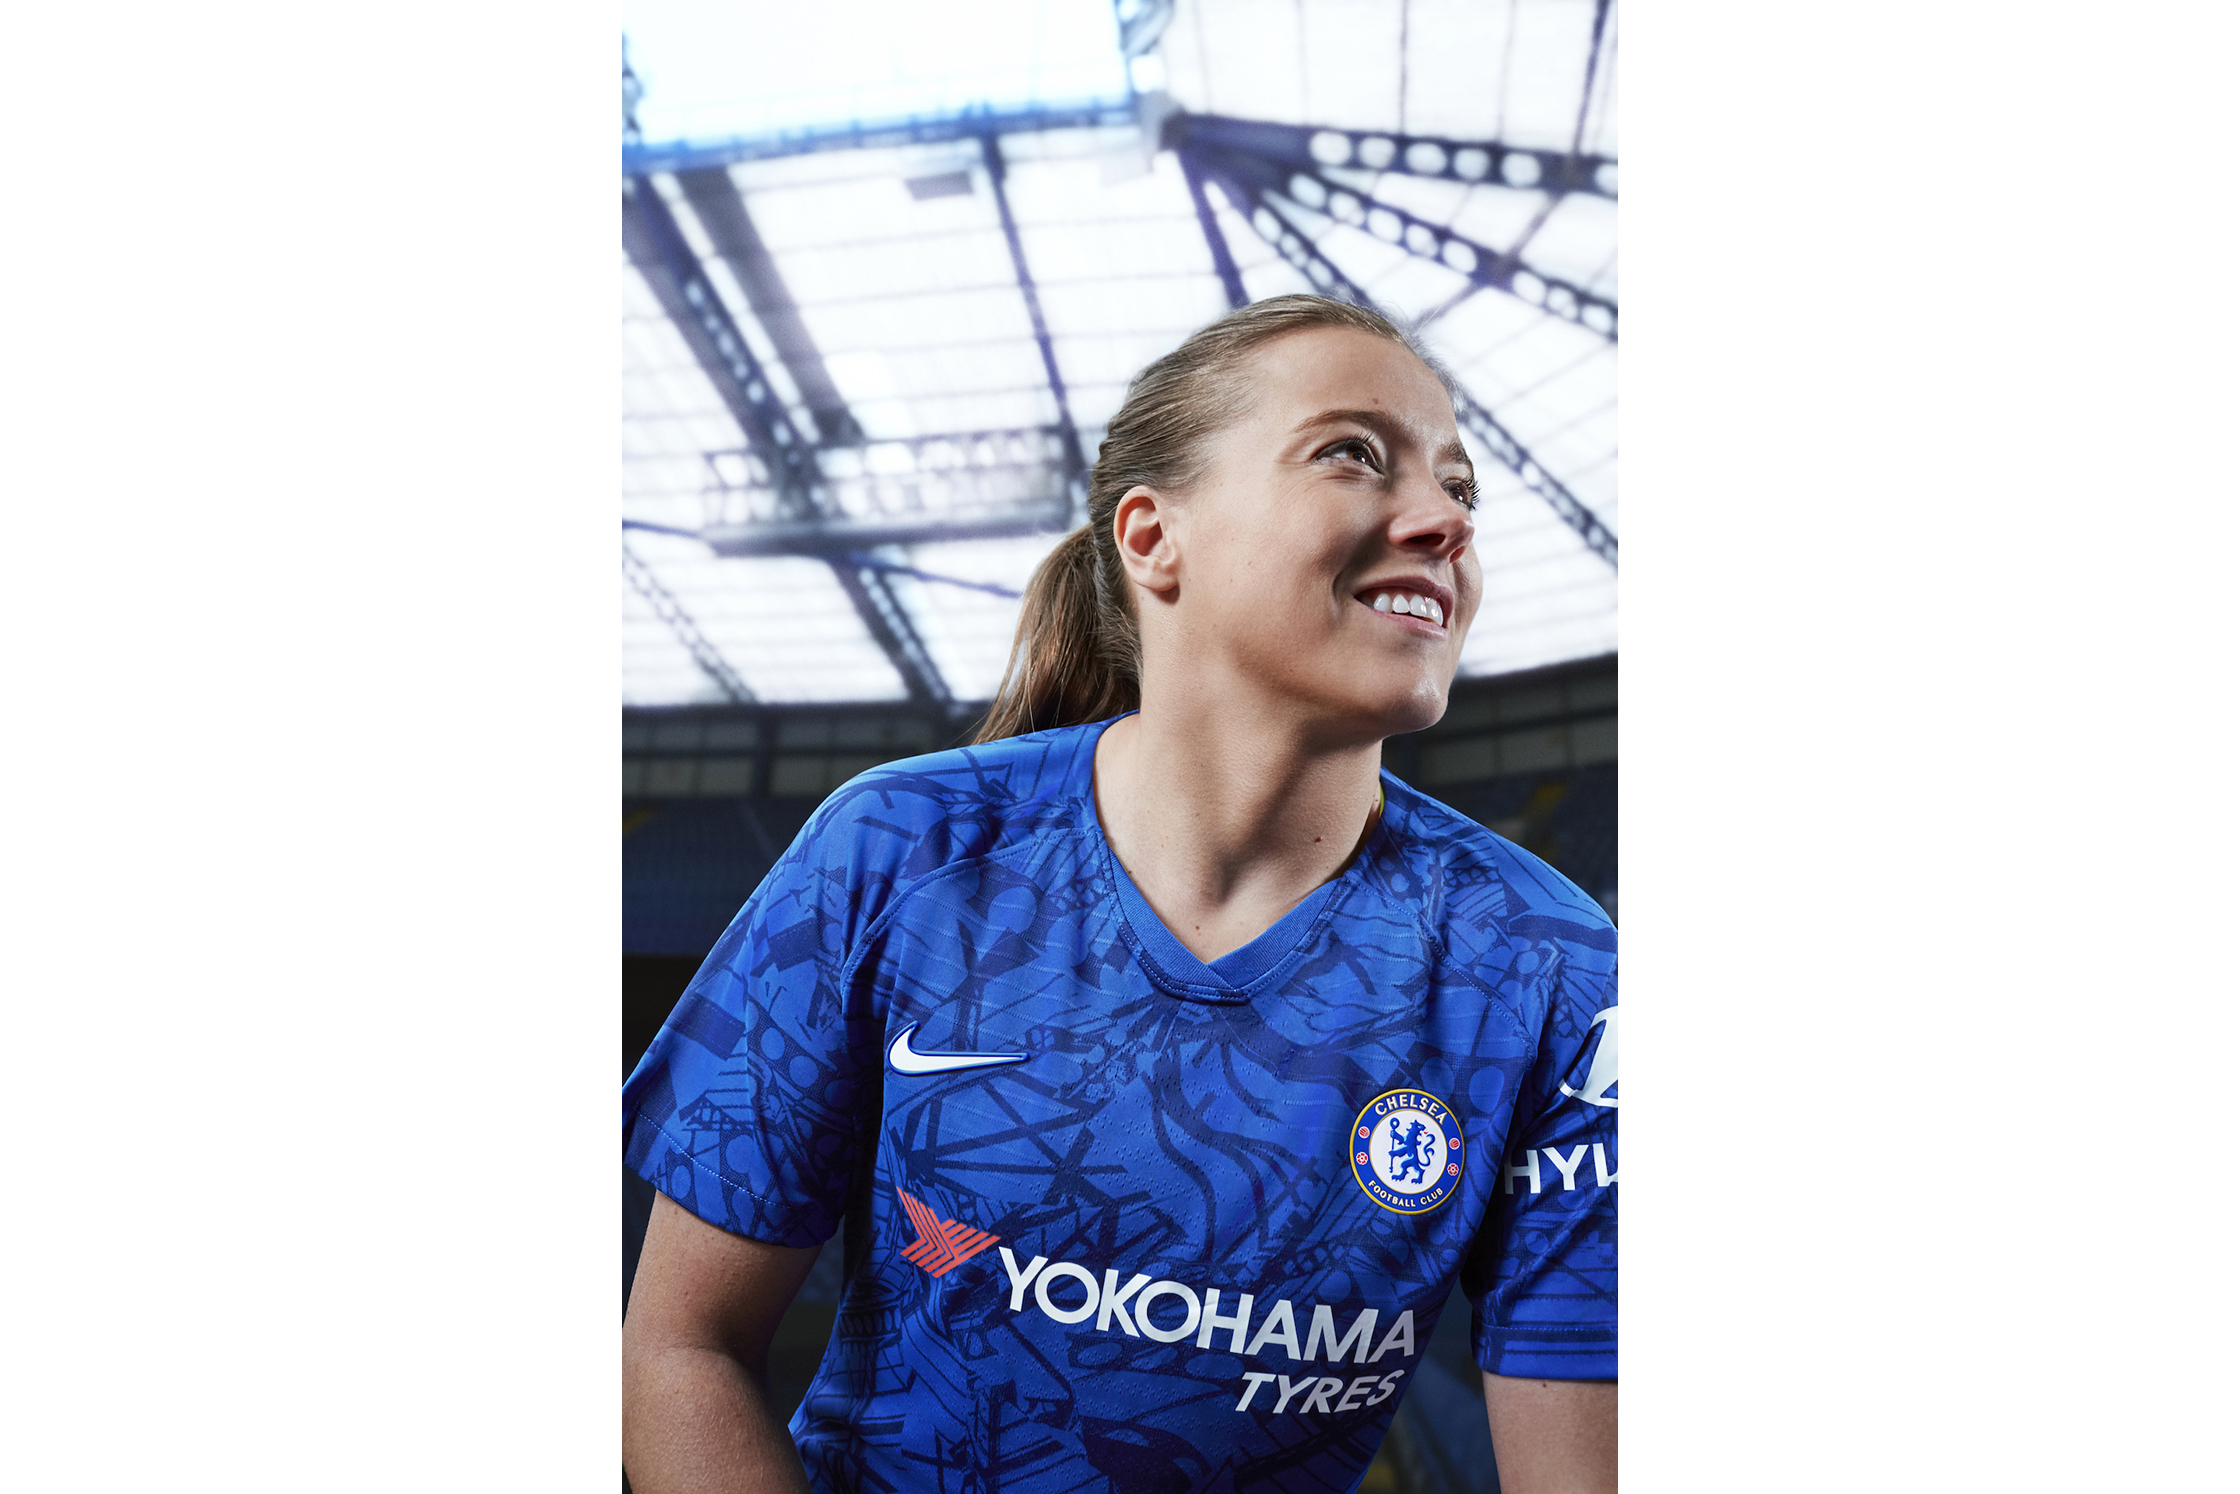 Nike_ChelseaFC_HomeKit_2019-20_6_87523